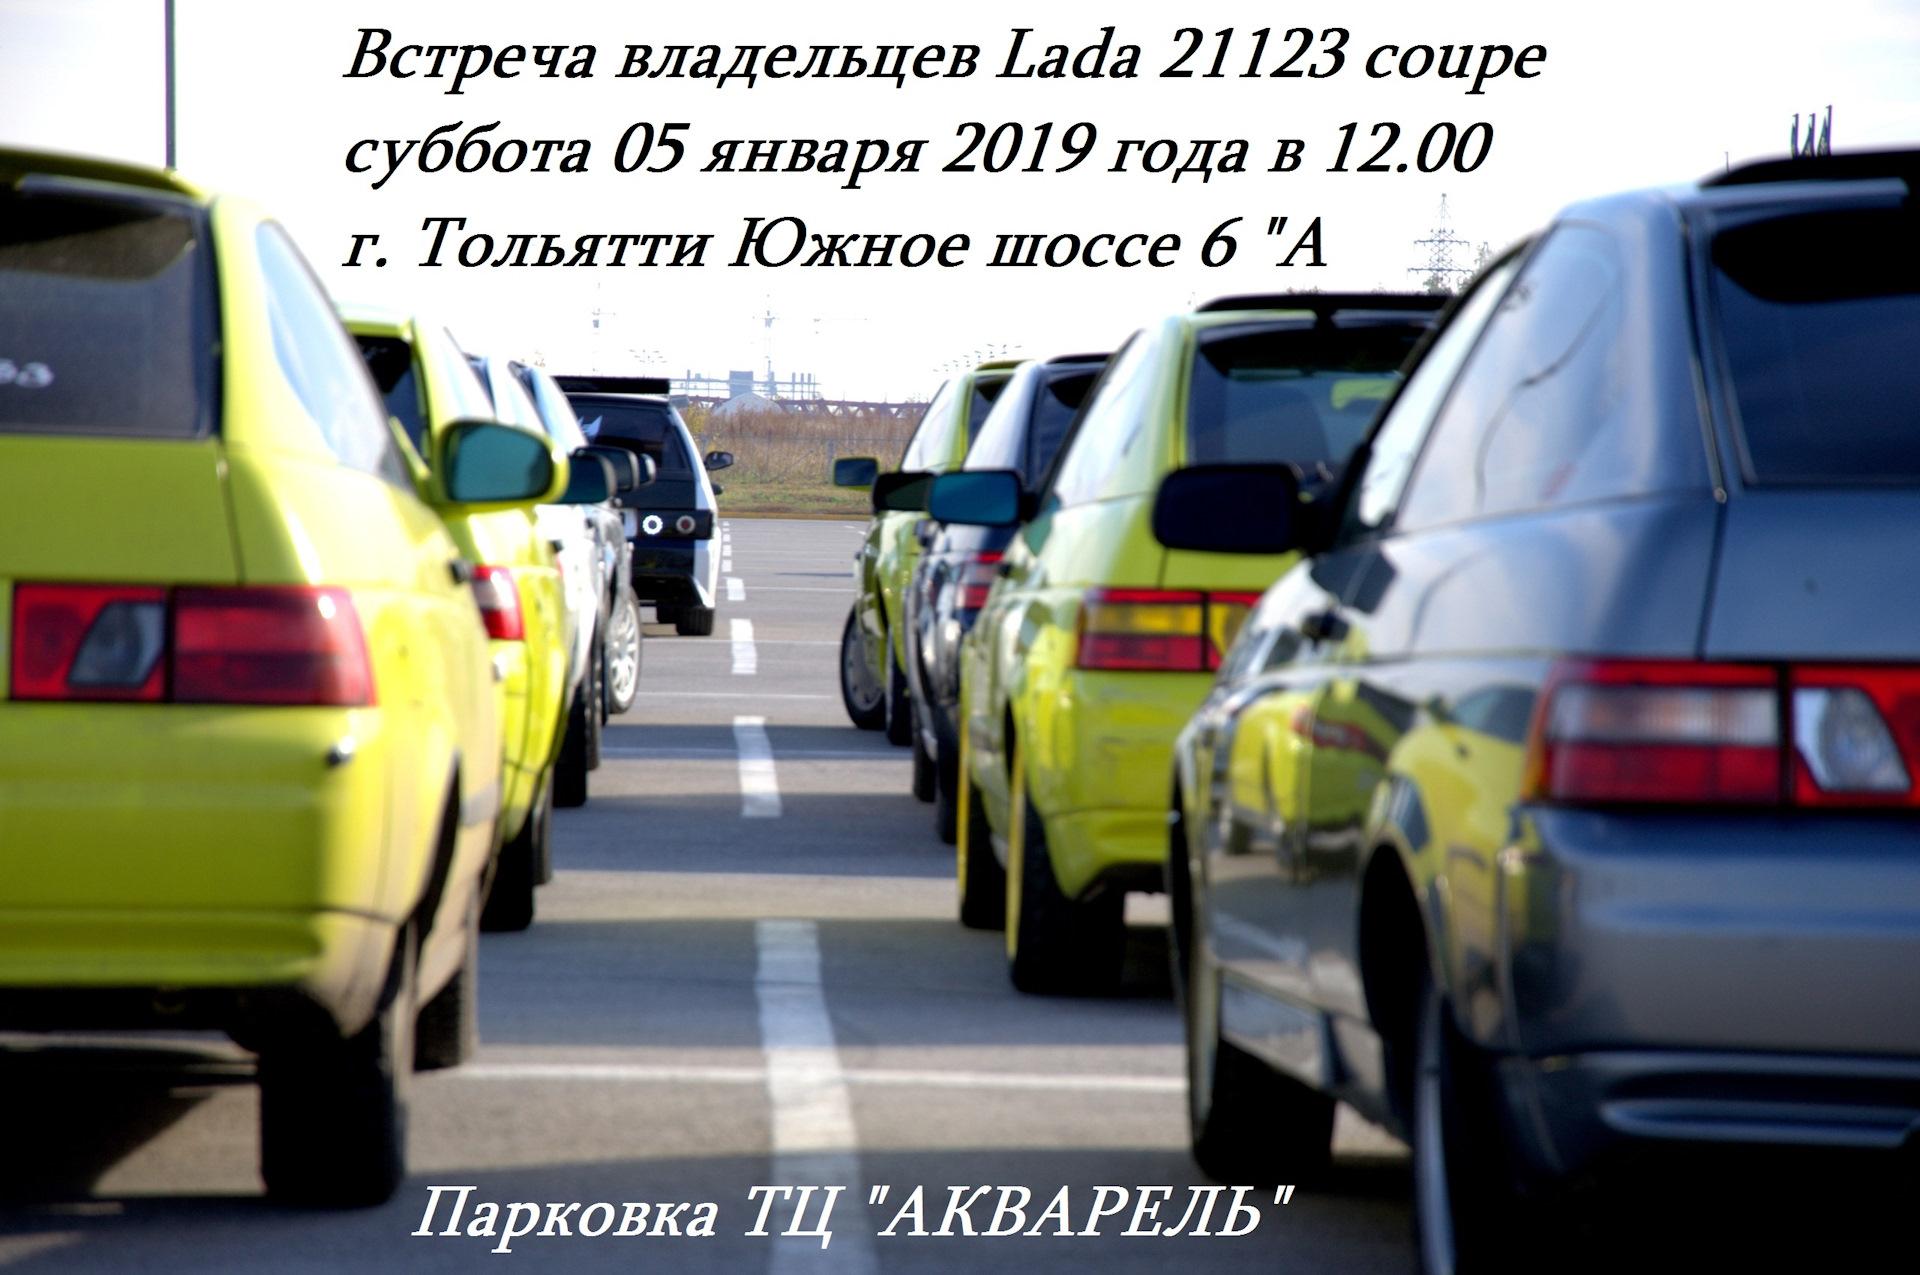 lada 21123